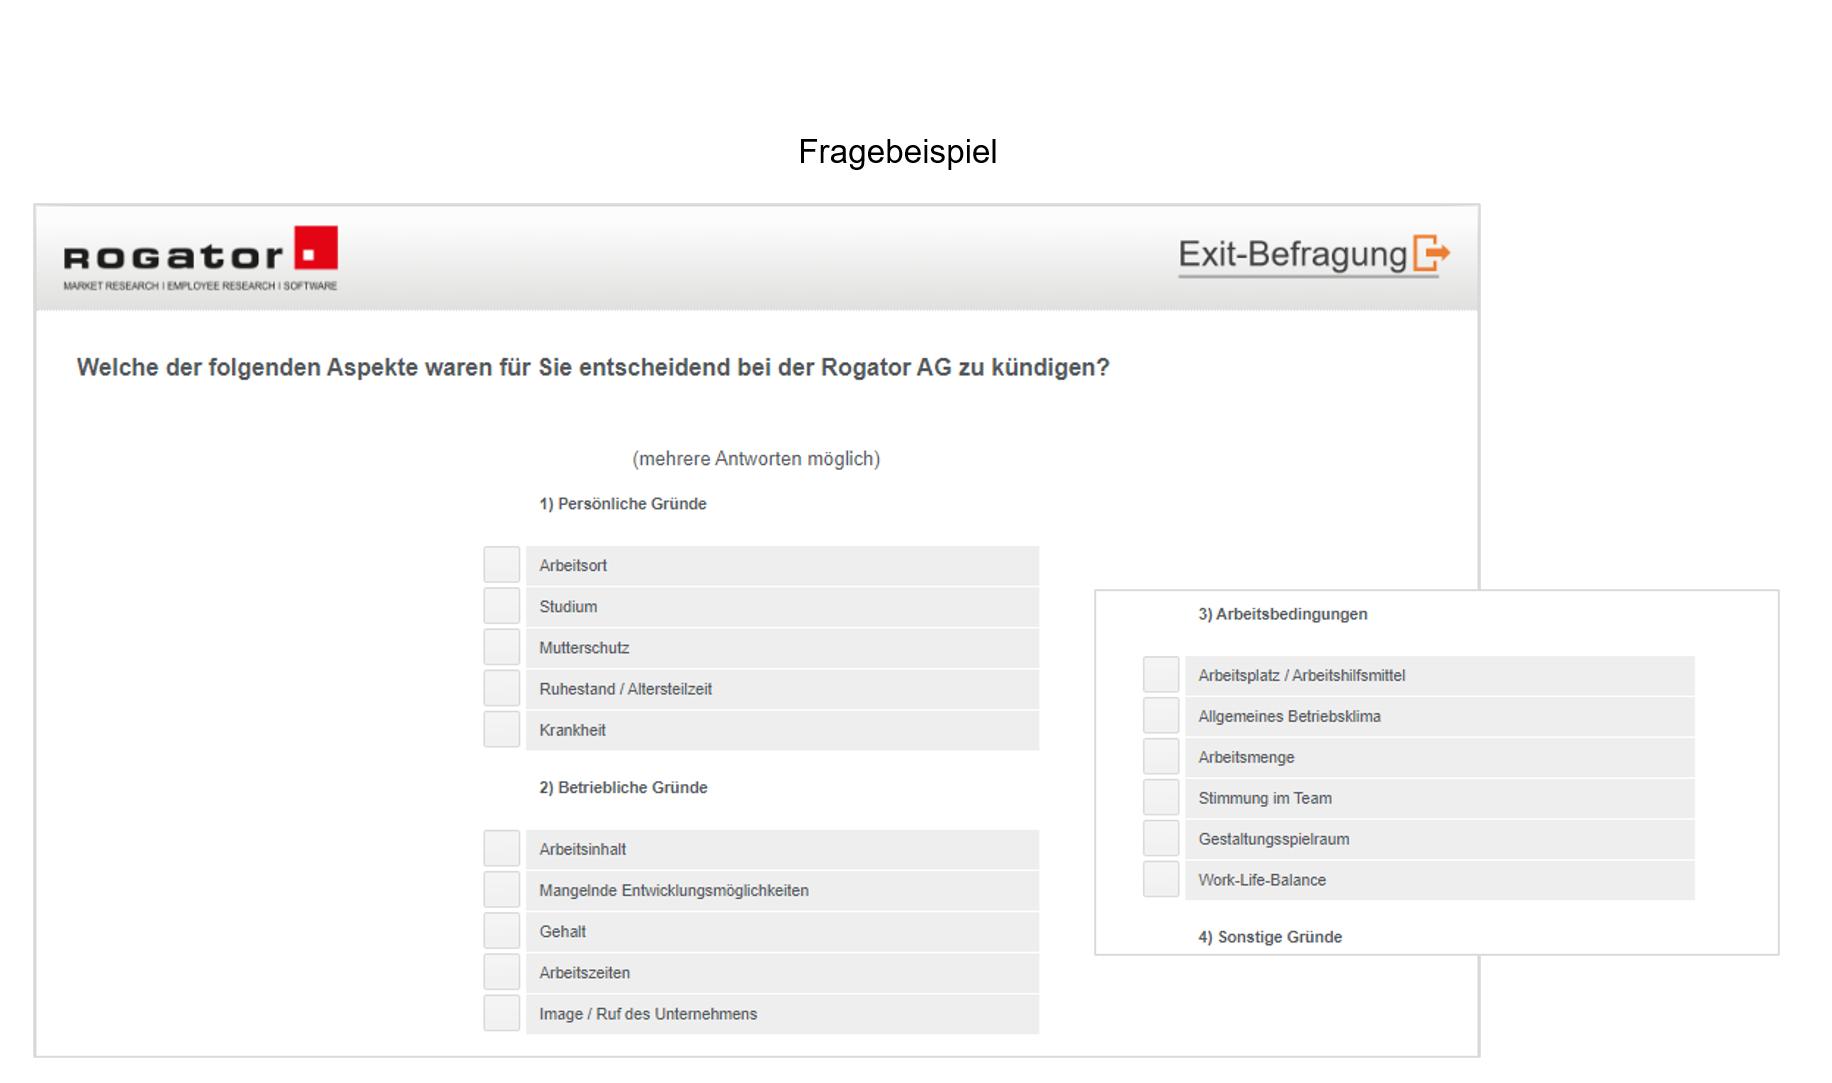 Exit-Befragung_Fragebeispiel2